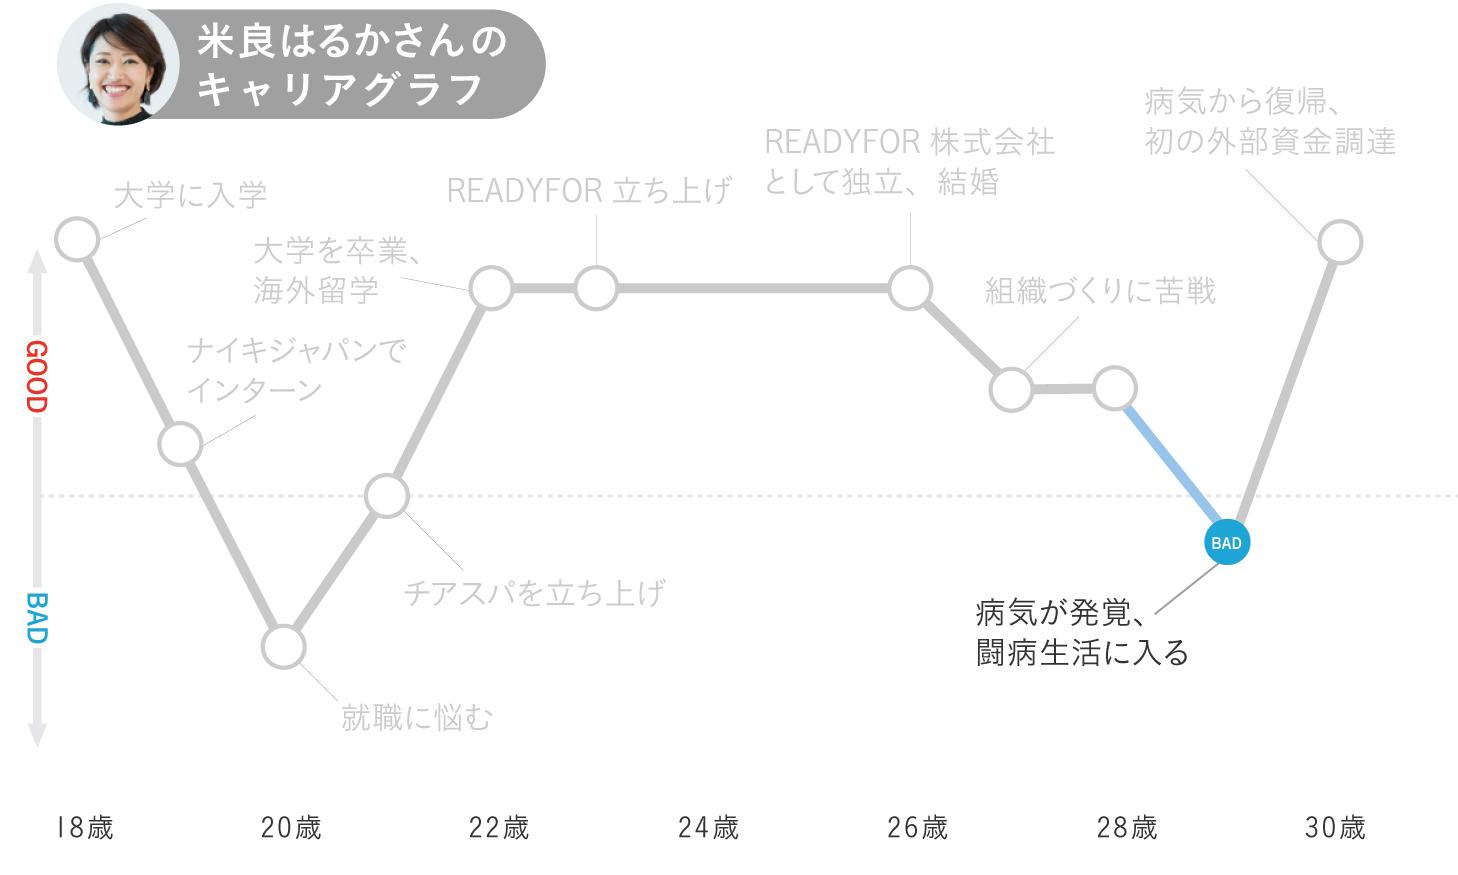 米良はるかのキャリアグラフ6